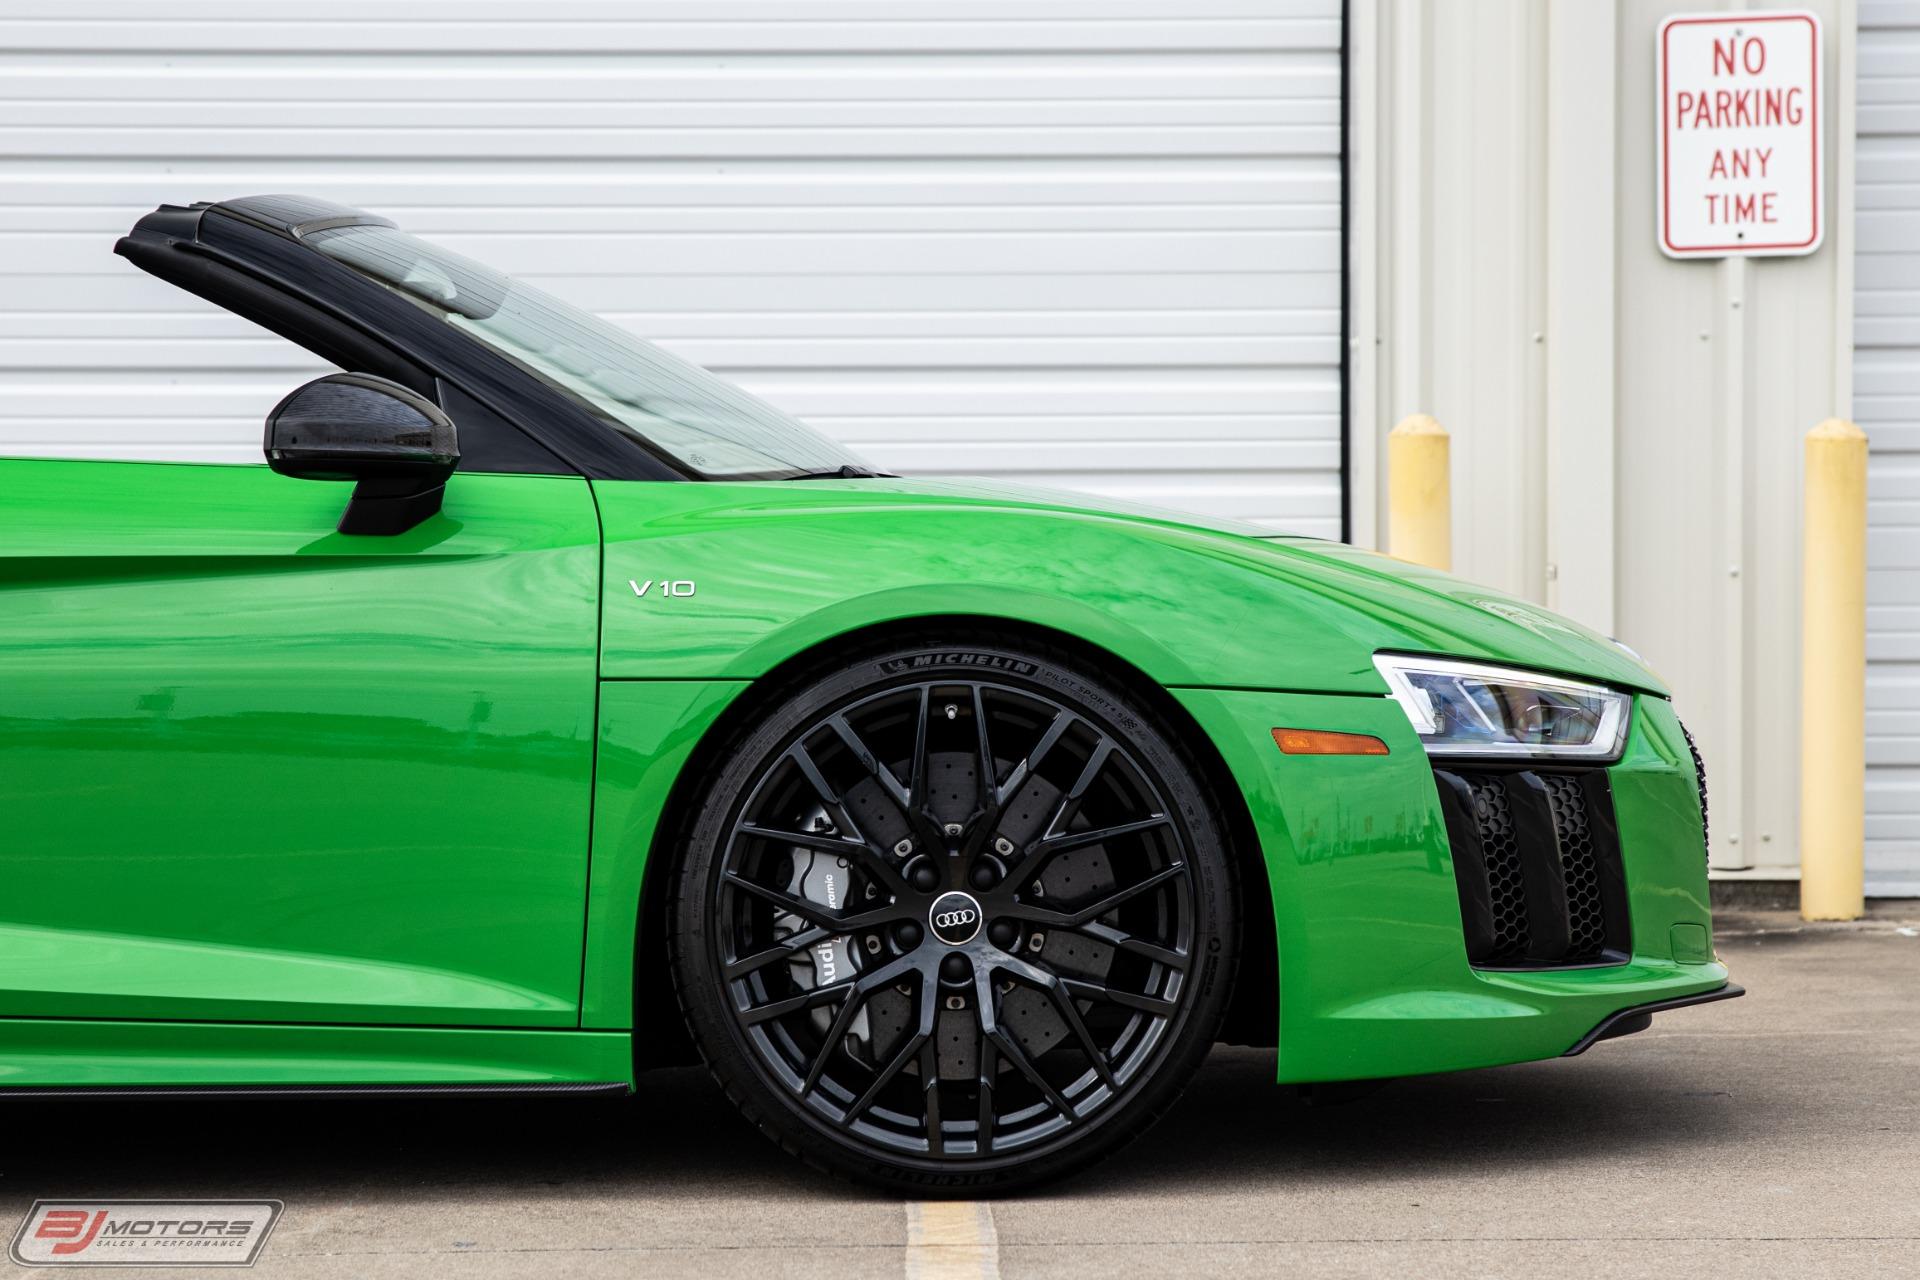 Used-2018-Audi-R8-52-Quattro-V10-Plus-Spyder